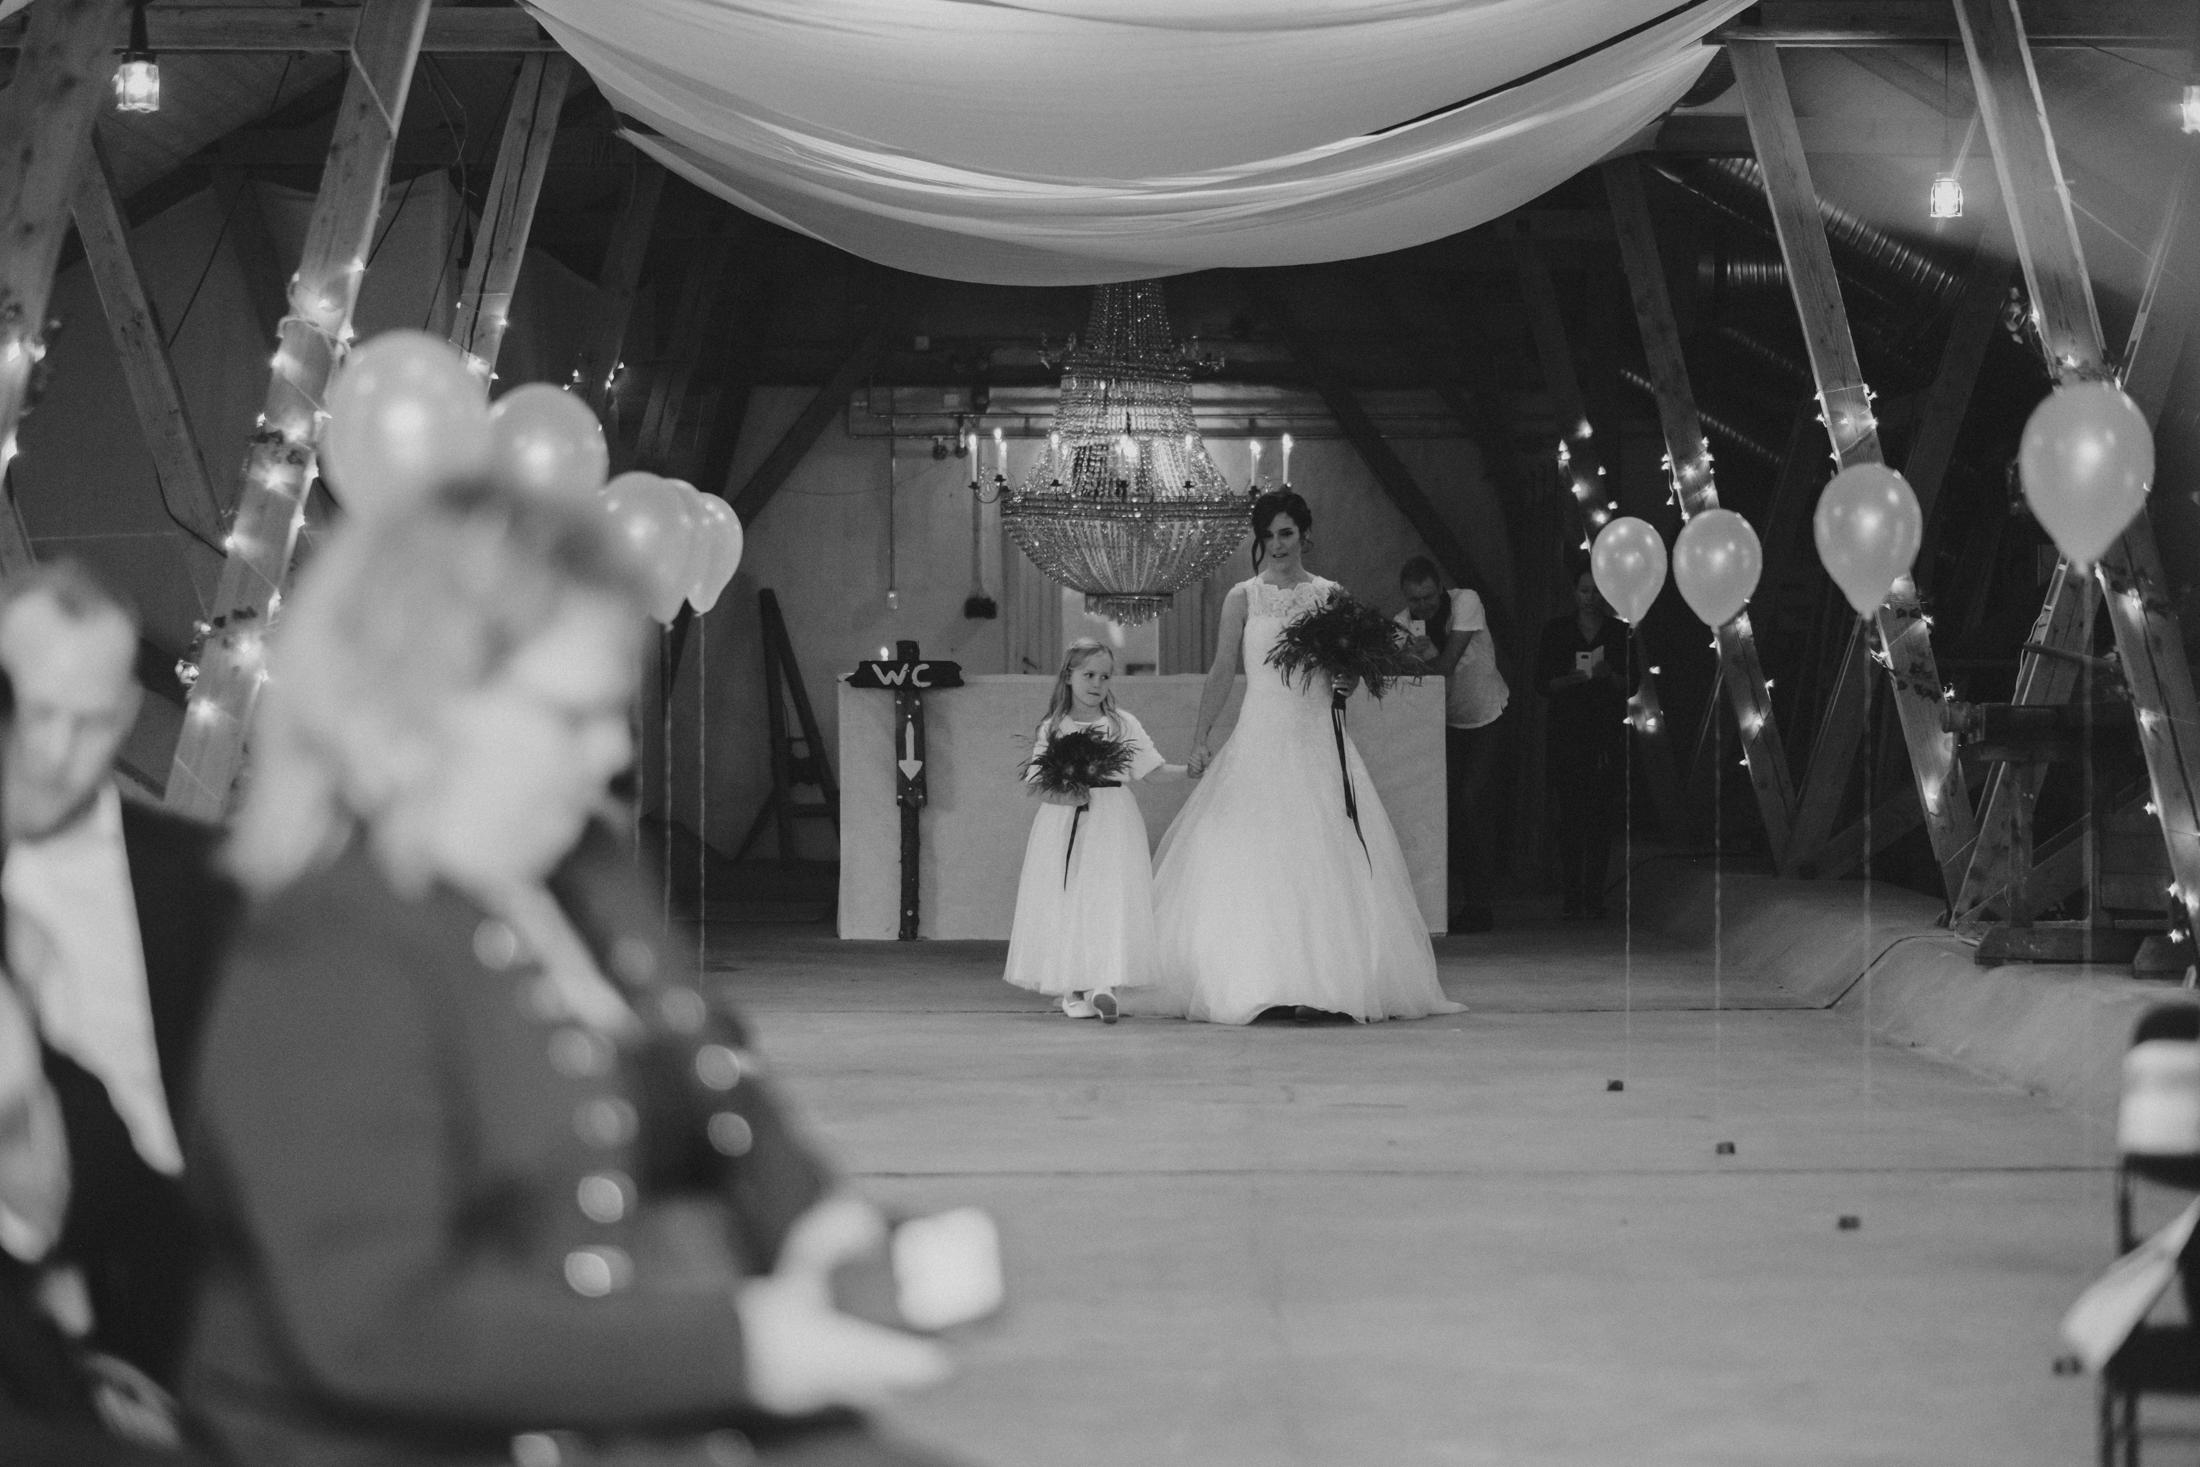 bröllopsfoto-fotograf-max-norin-115.jpg